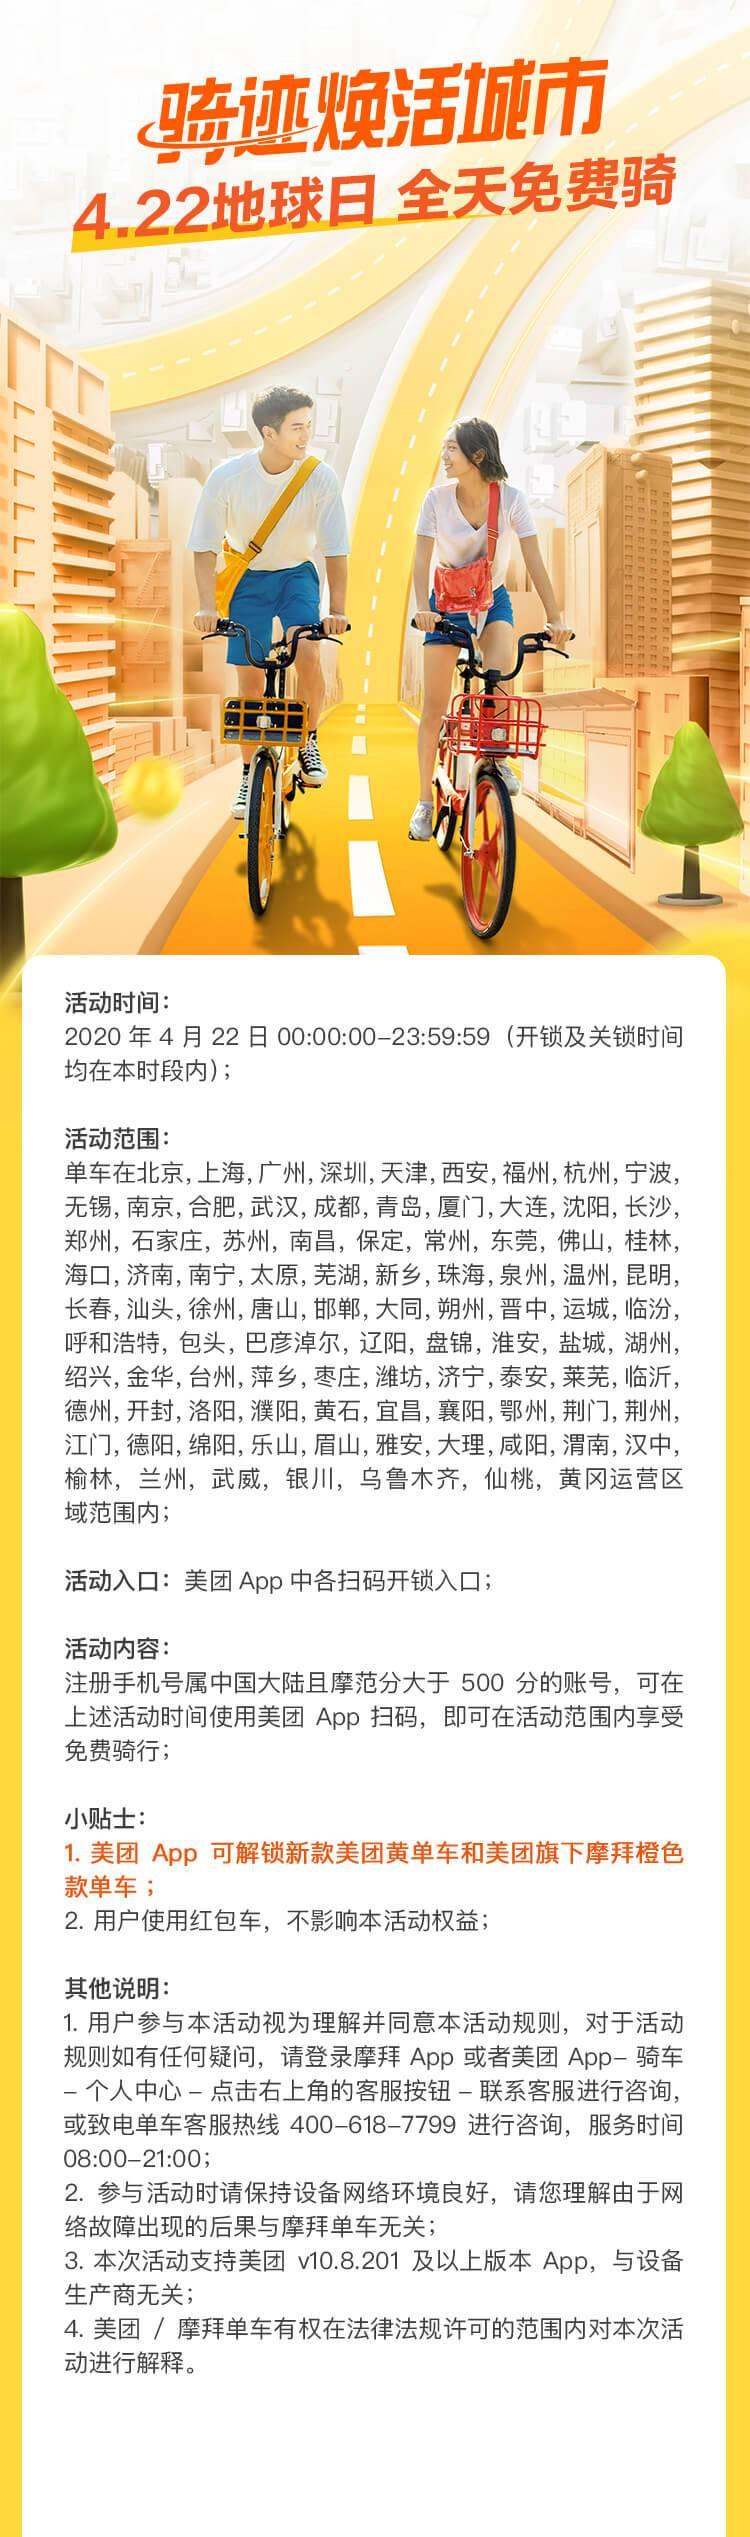 美团摩拜单车4月22地球日全天免费骑